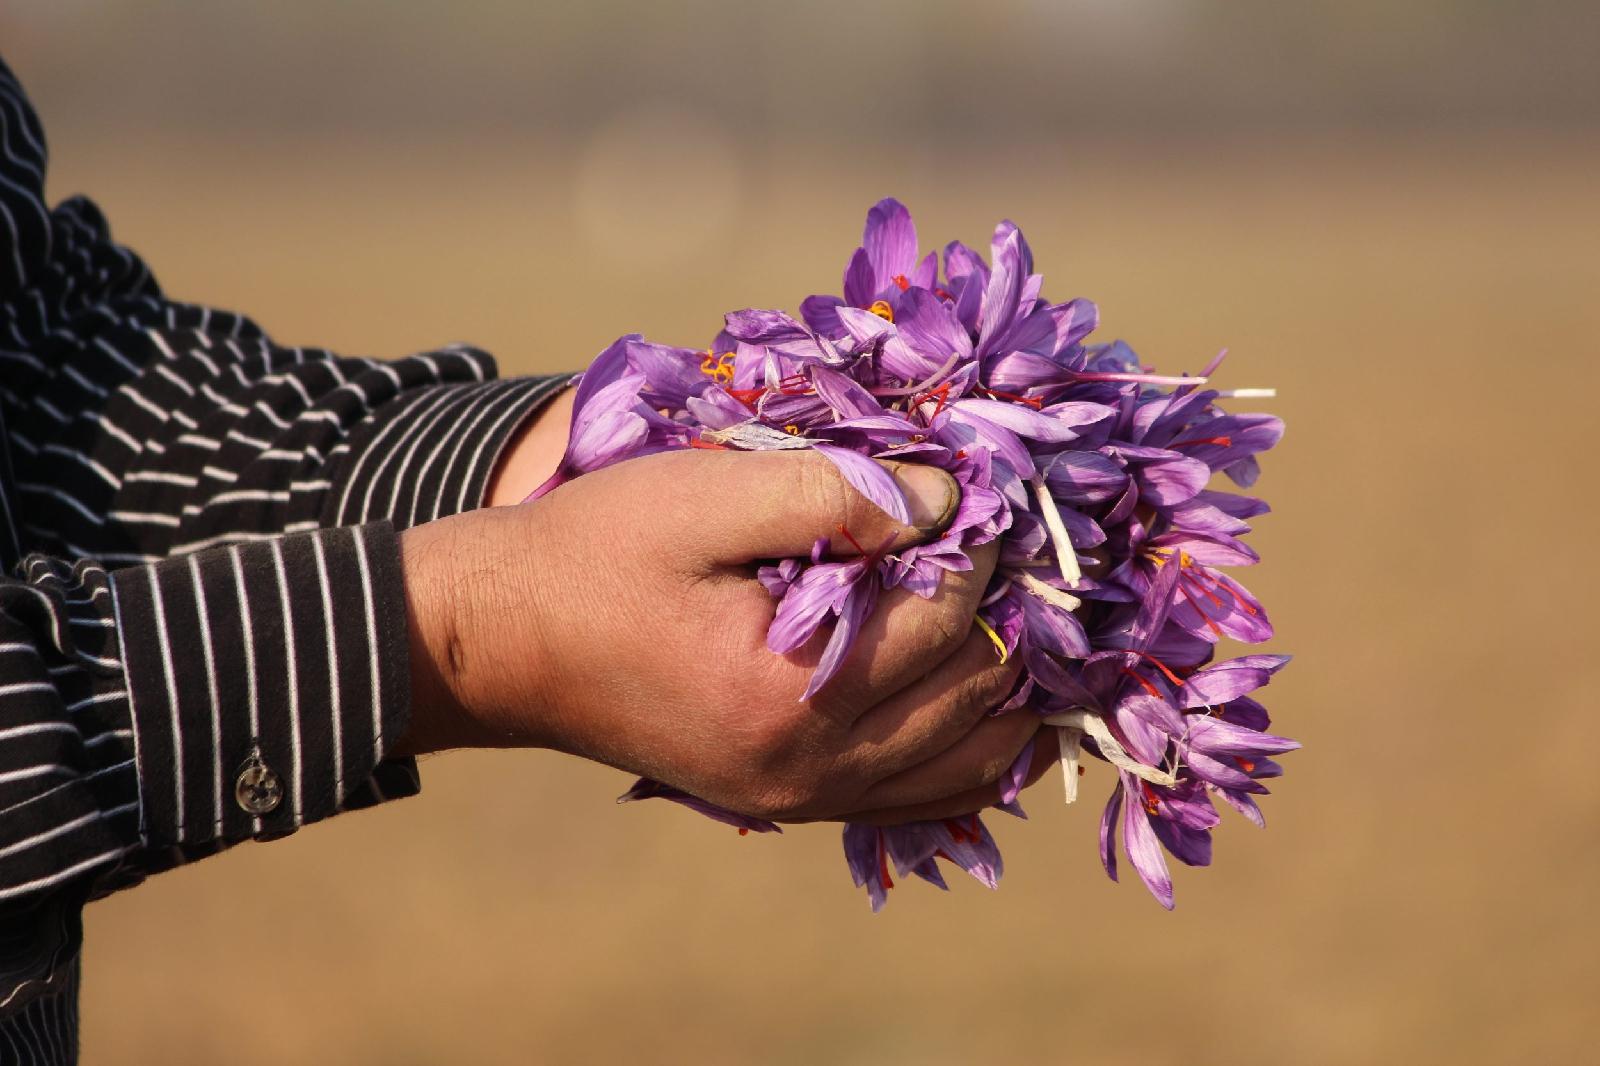 Saffron cultivation in Kashmir